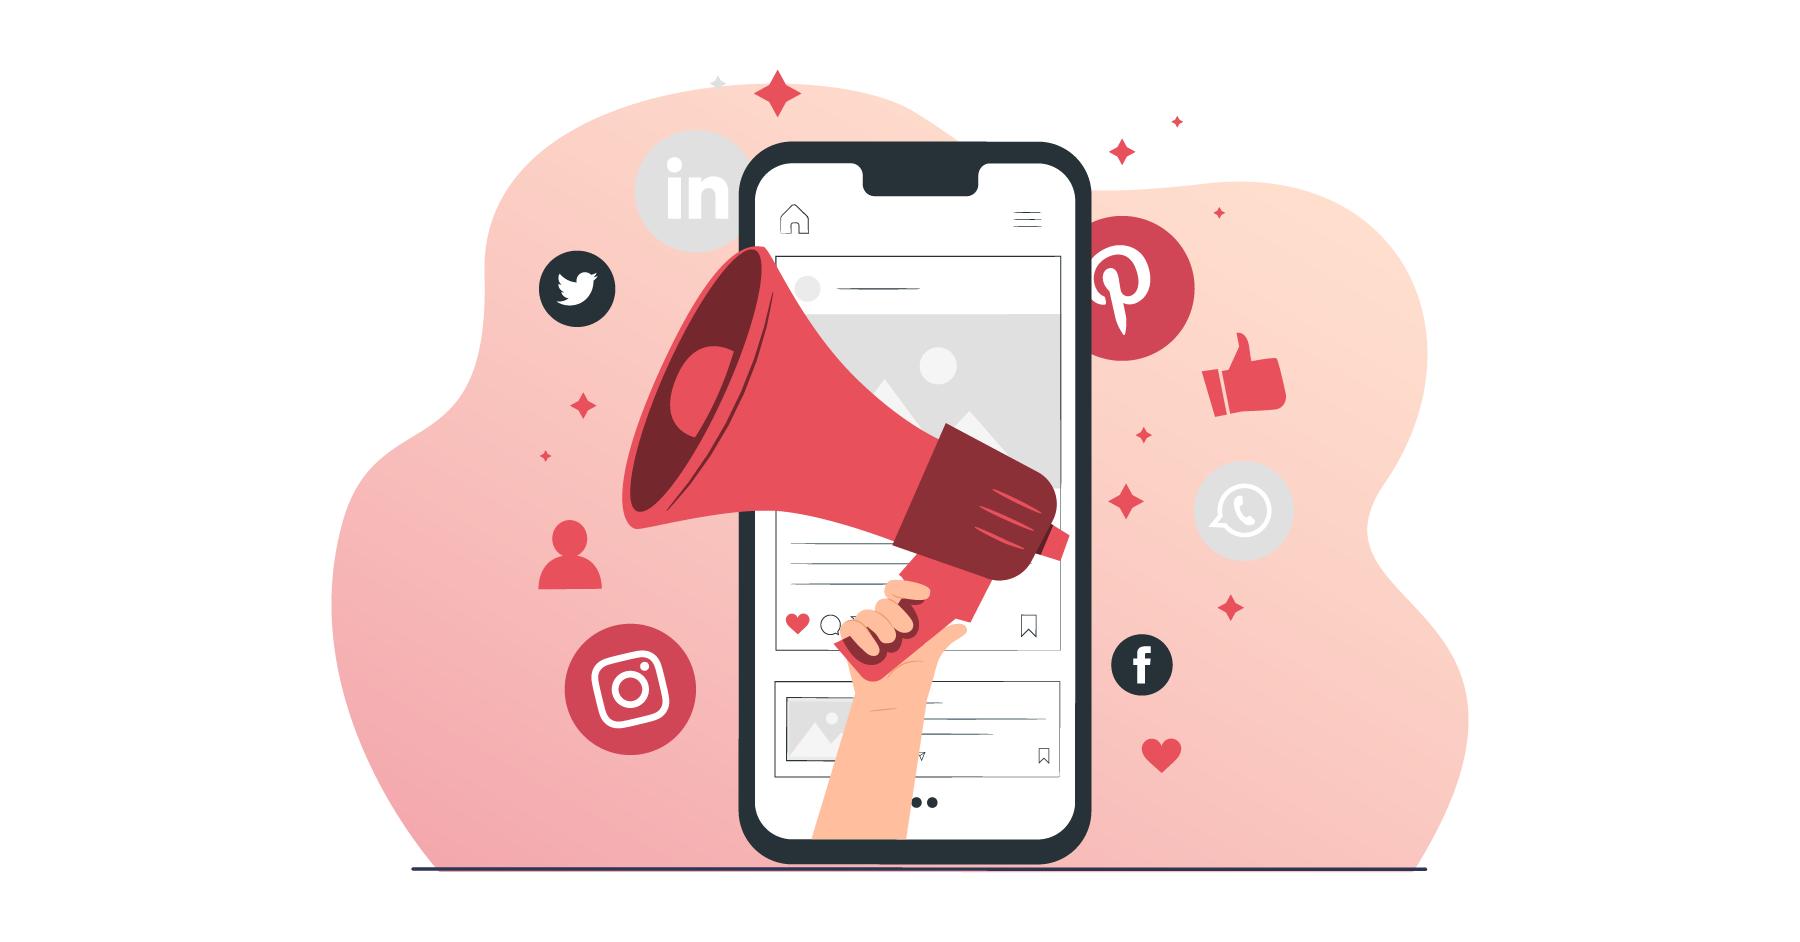 7 herramientas social media que tienes que probar